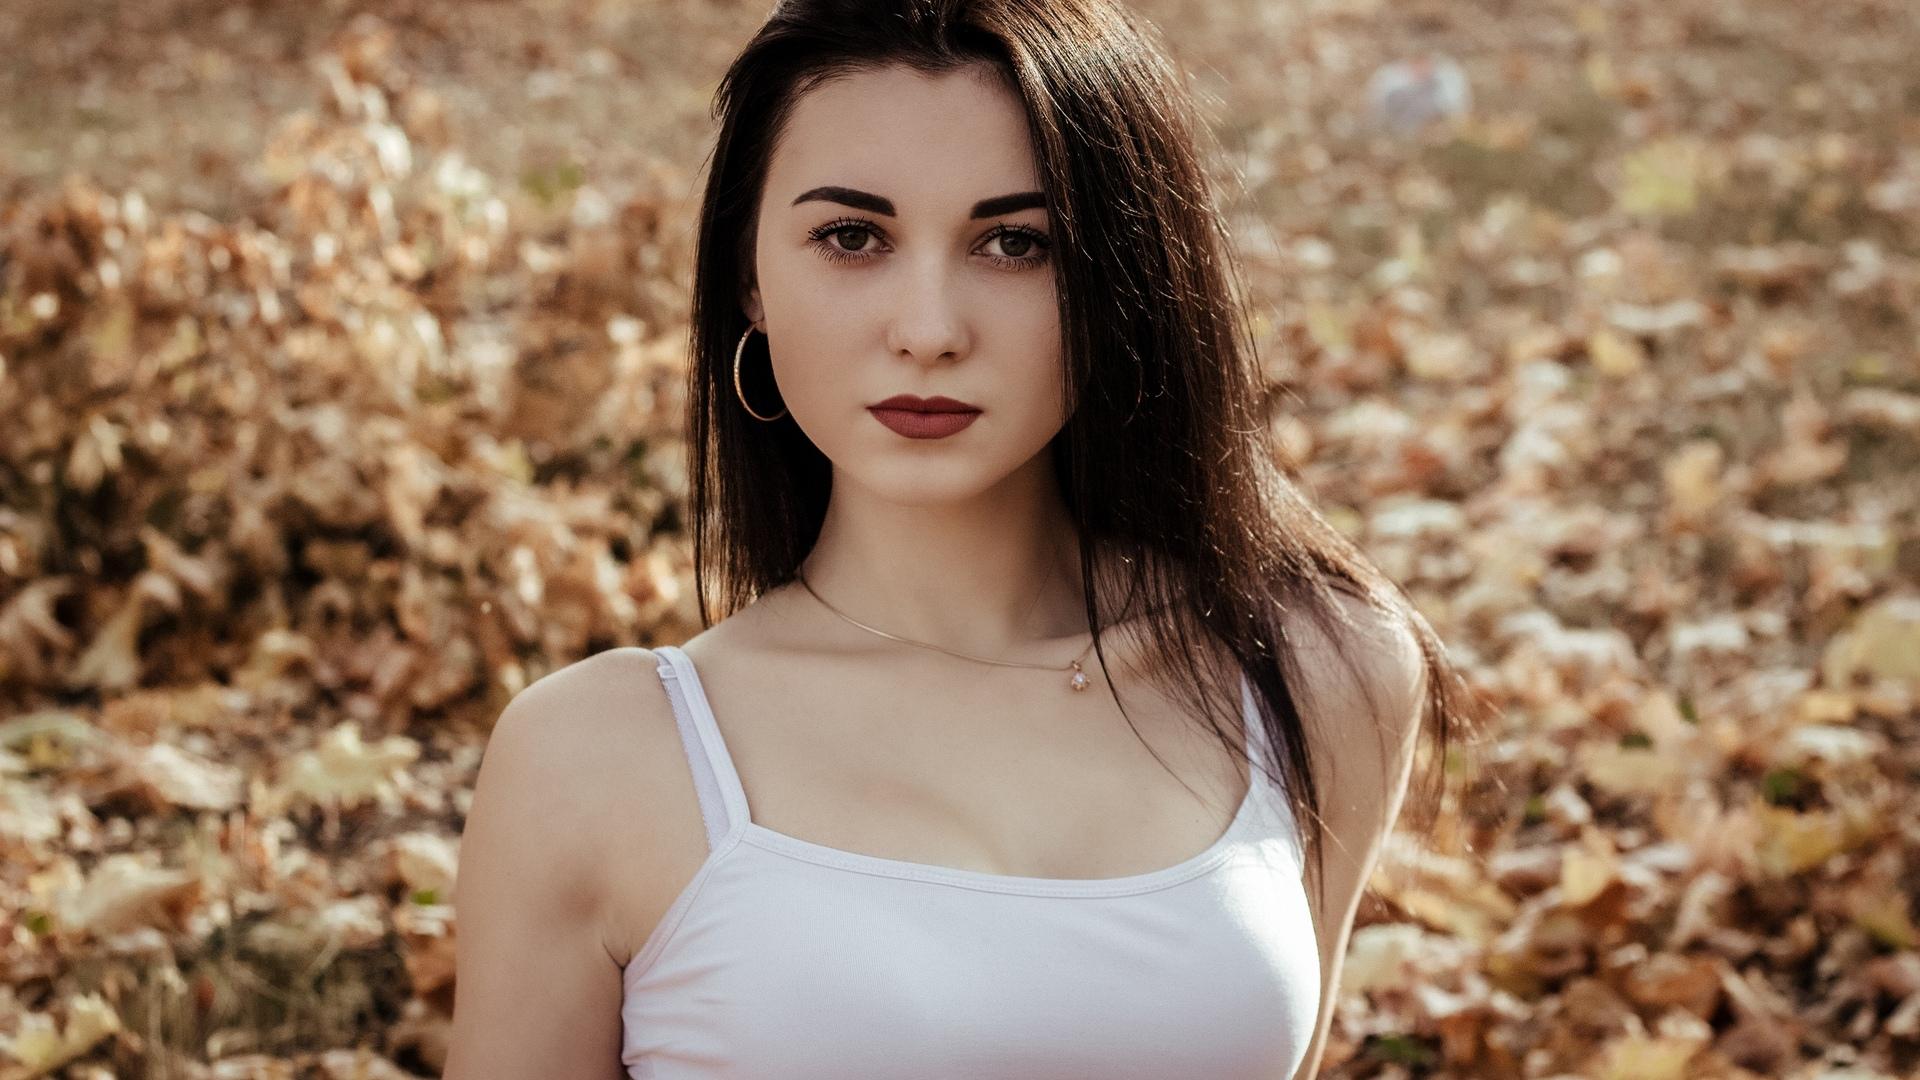 Download Beautiful, girl model, Ksenia Kokoreva wallpaper